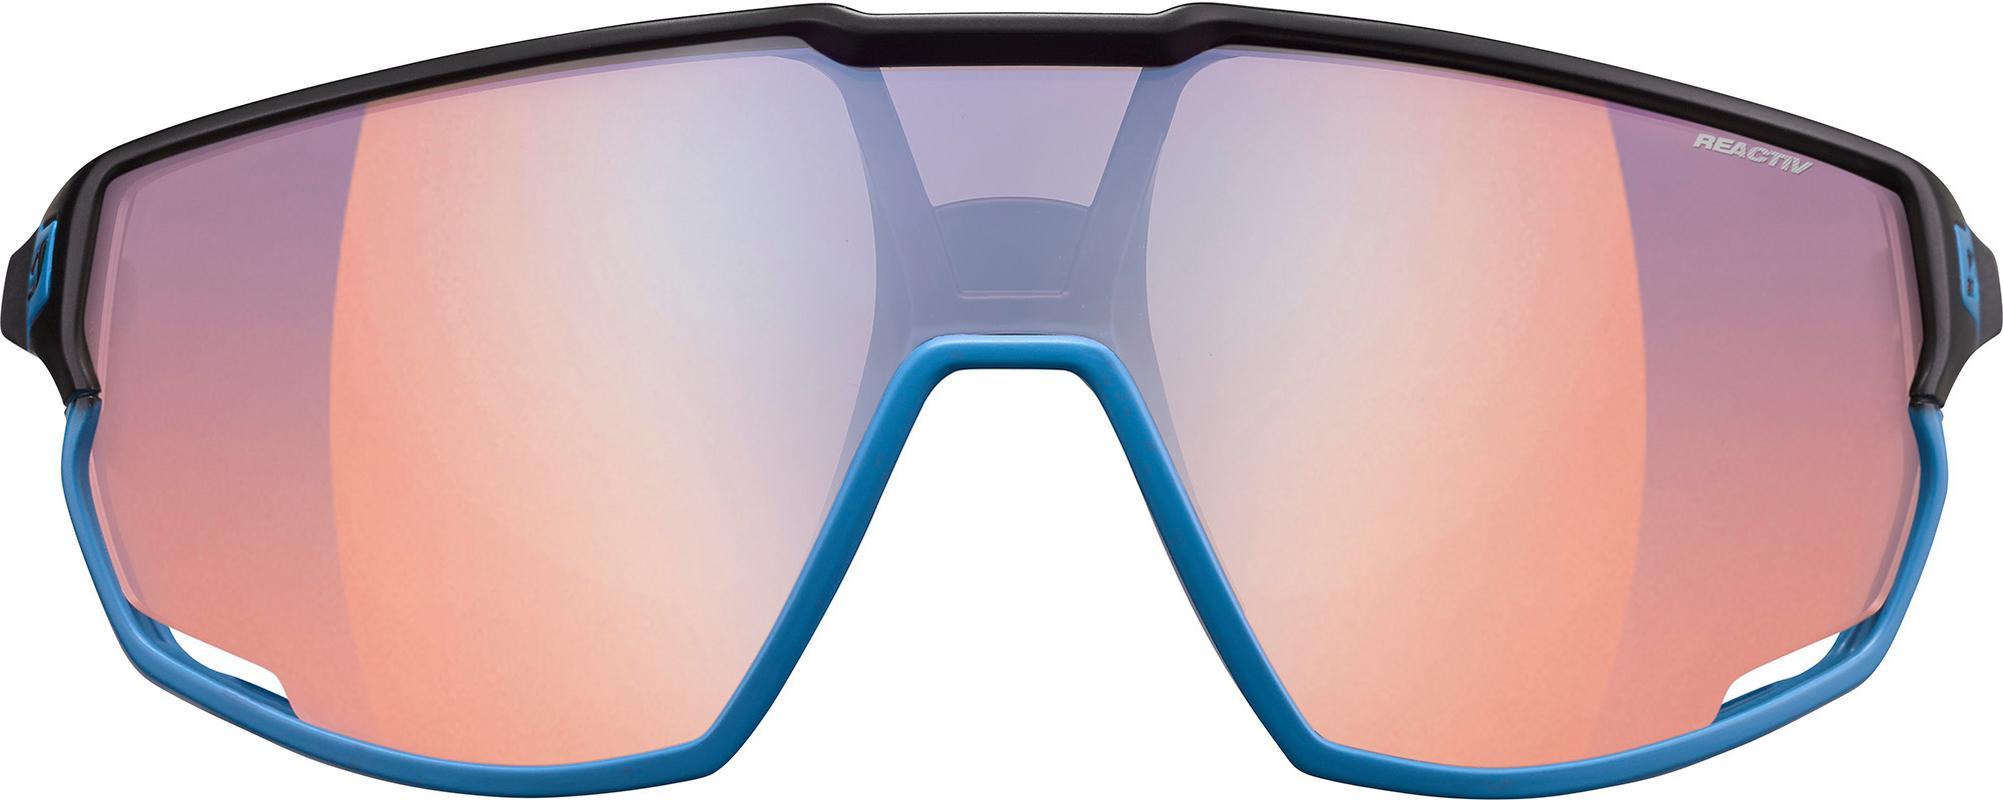 Artikel klicken und genauer betrachten! - Julbo RUSH. Helmkompatible Sportbrille aus Polycarbonat; perfekt belüftete Scheiben dank Full Venting; maximales seitliches und vertikales Sichtfeld; 3-fach anpassbare Grip-Tech-Bügel, die sich unter jedem Helm tragen lassen; selbsttönende Reactiv-Photochromic-Scheiben; Sonnenschutz Kategorie 3; 3D-Fit-Nose-Nasenauflagen für einen sicheren Sitz.   im Online Shop kaufen